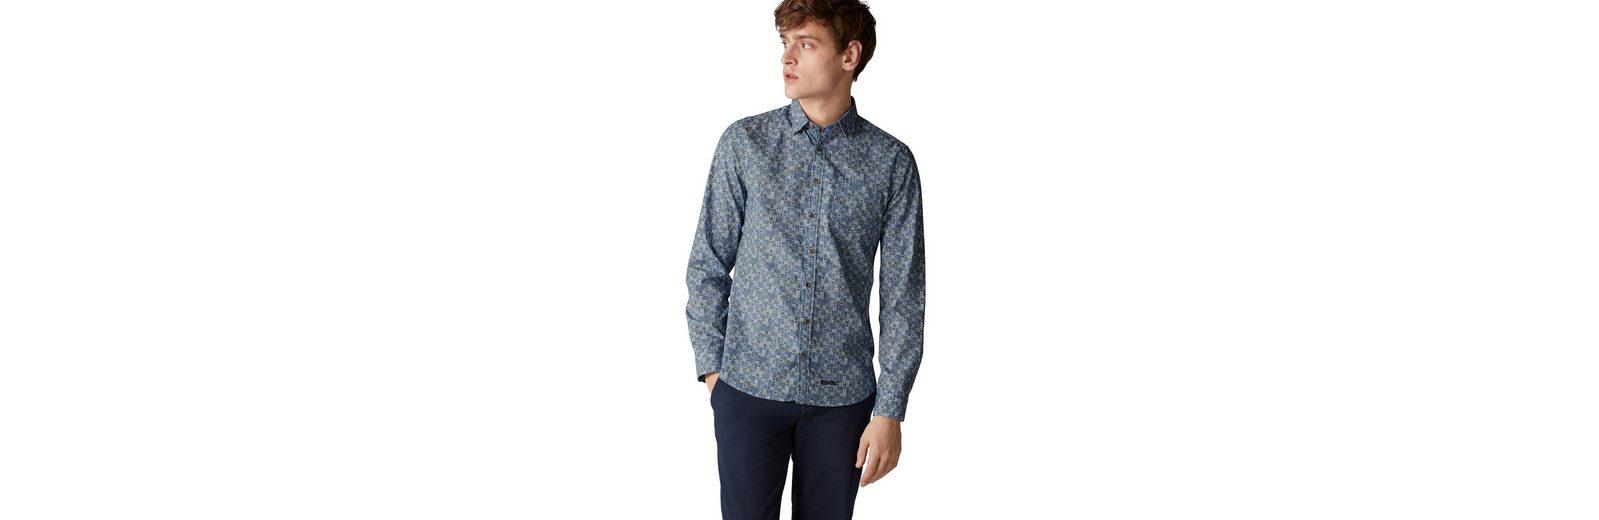 Spielraum Vorbestellung Marc O'Polo Langarmhemd 2018 Unisex Cool Online-Verkauf Wirklich Billig Preis mgYdmZQK